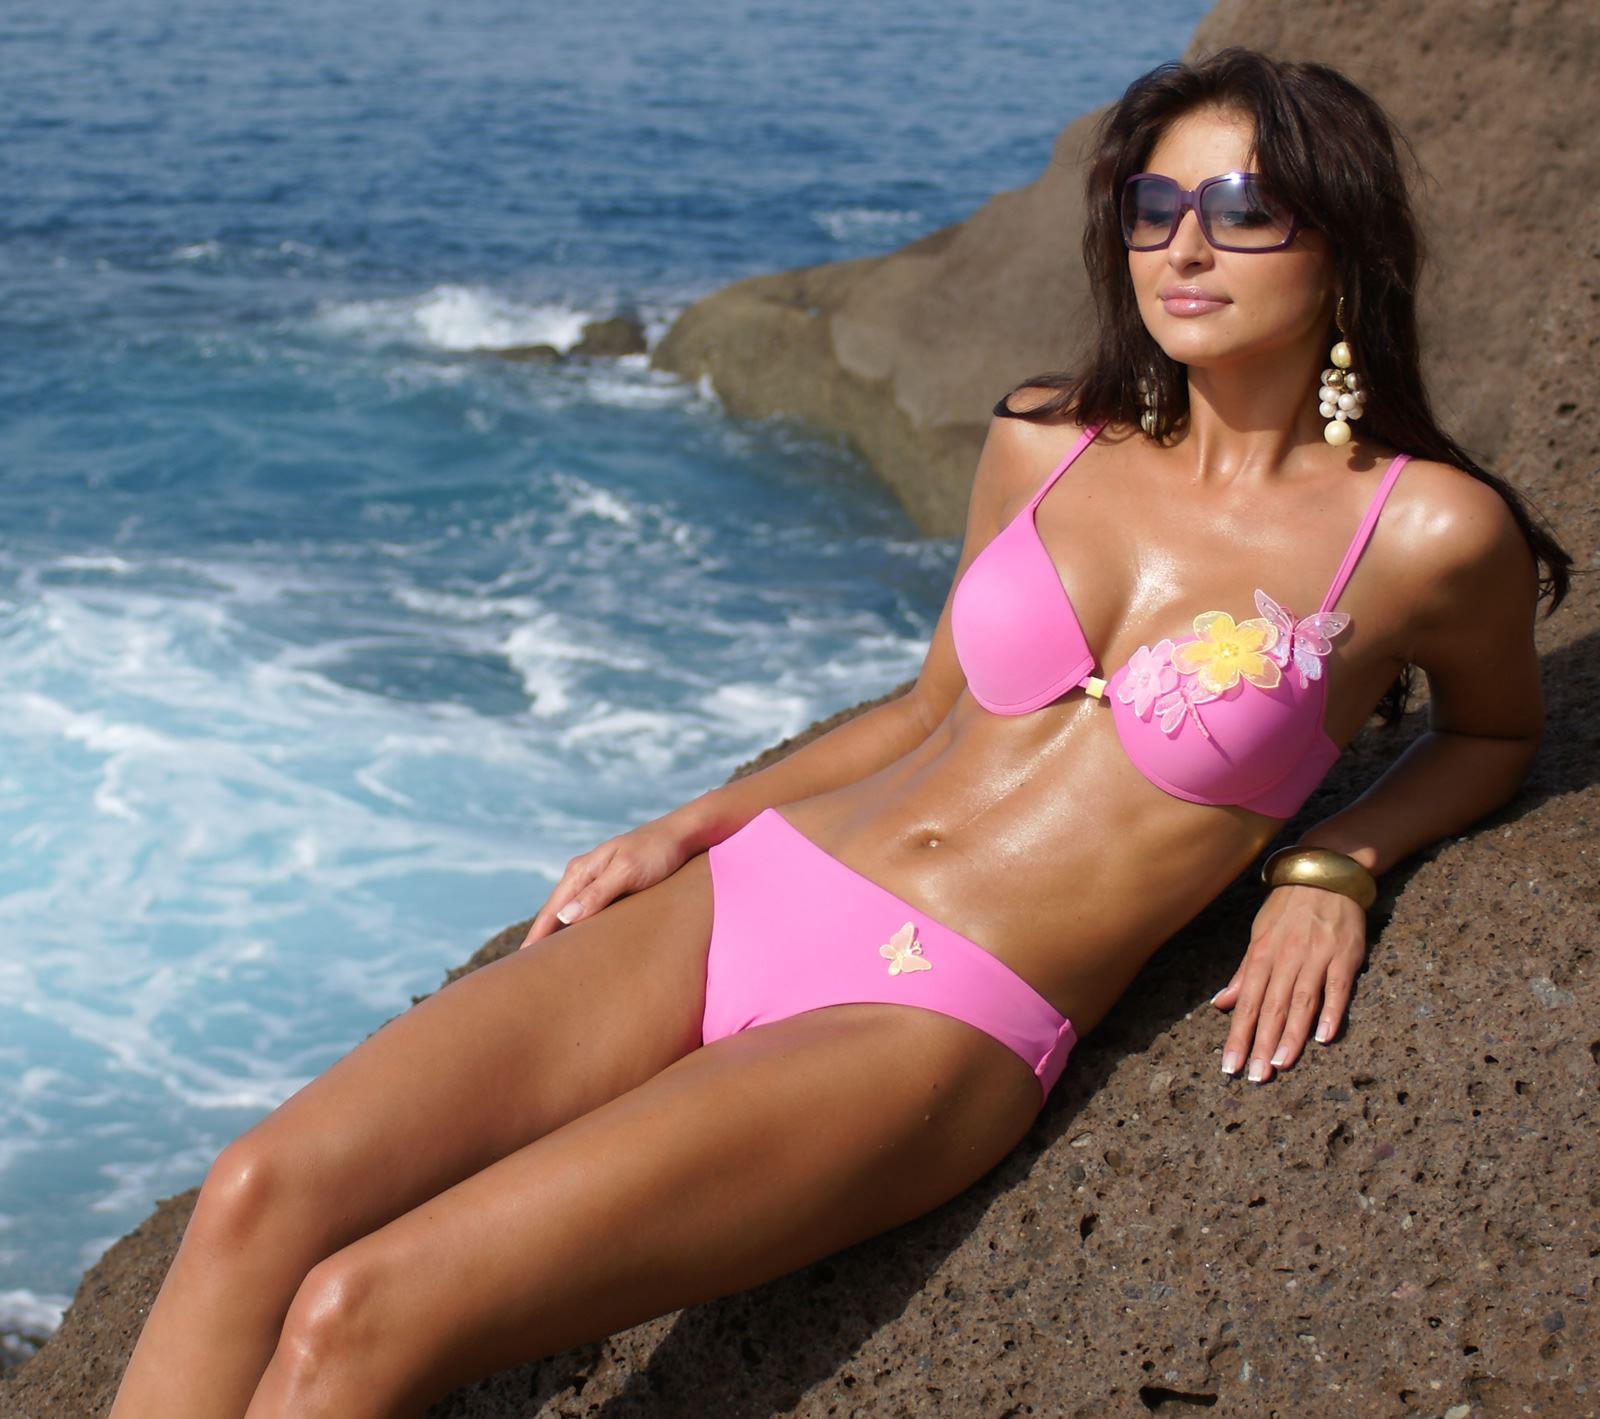 7e9b416fa2f08 Details about Padded Extra Uplift Push Up Designer Bikini Set Butterflys  New Swimwear